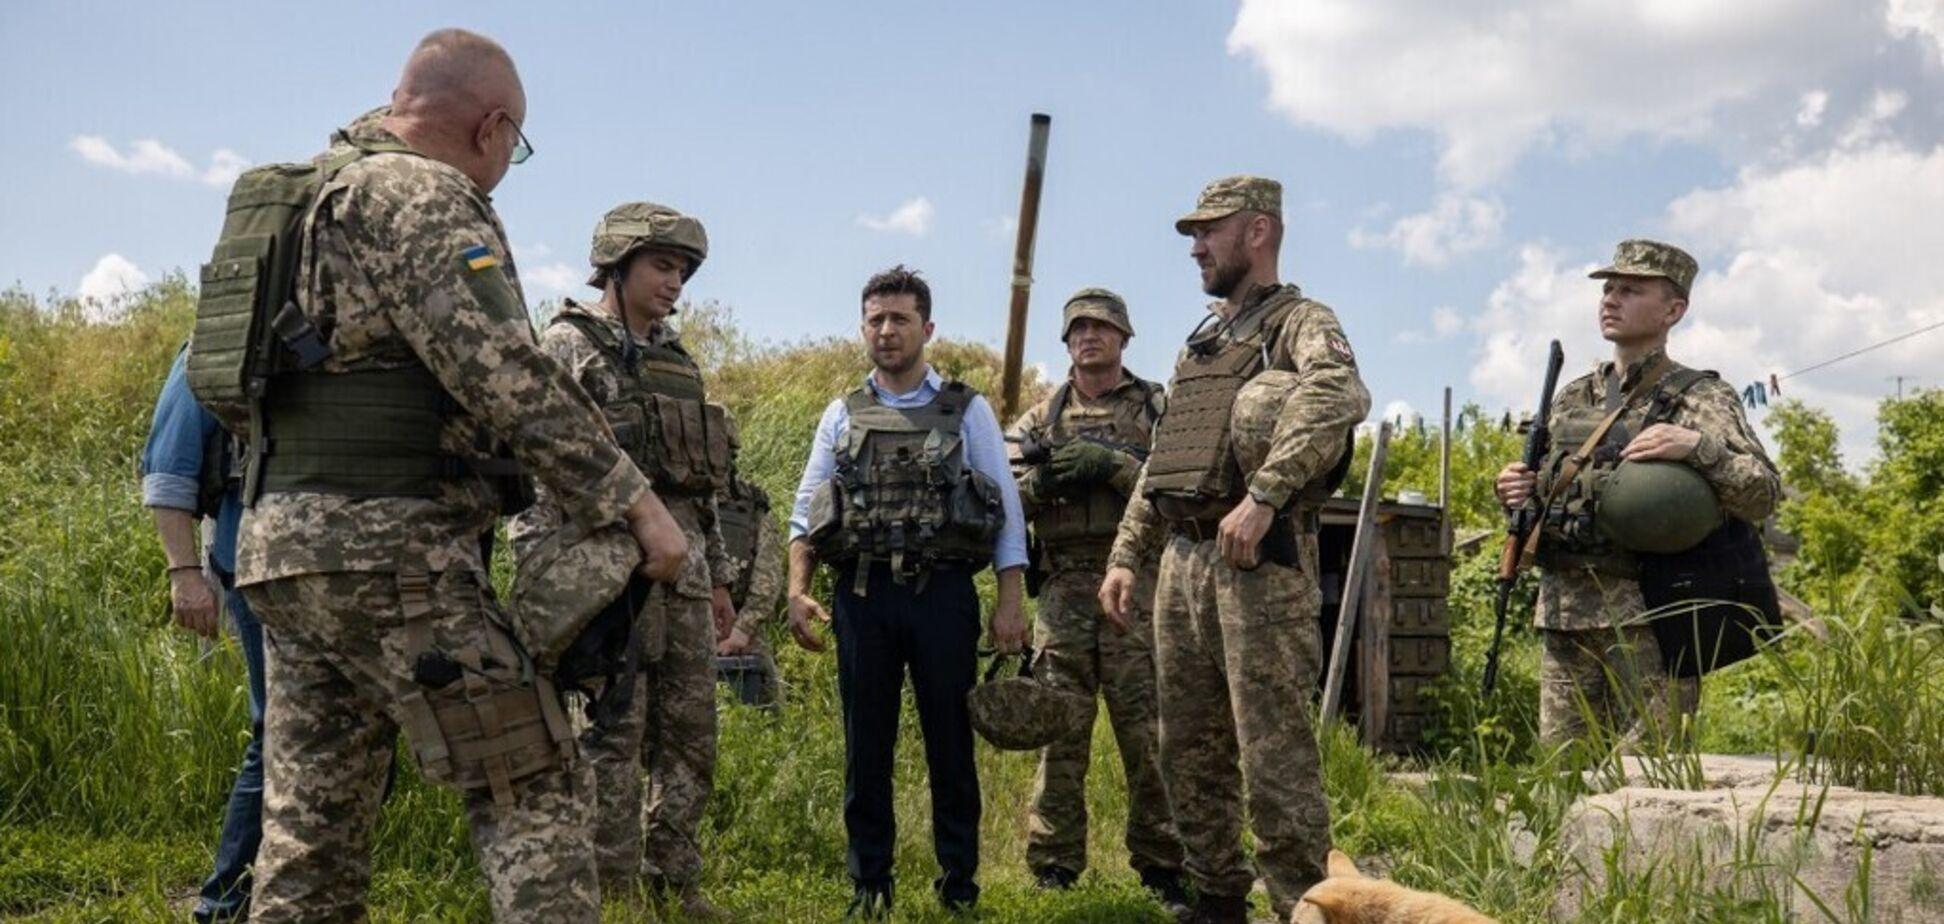 Зеленского пригласили в Донецк. А Путин будет?